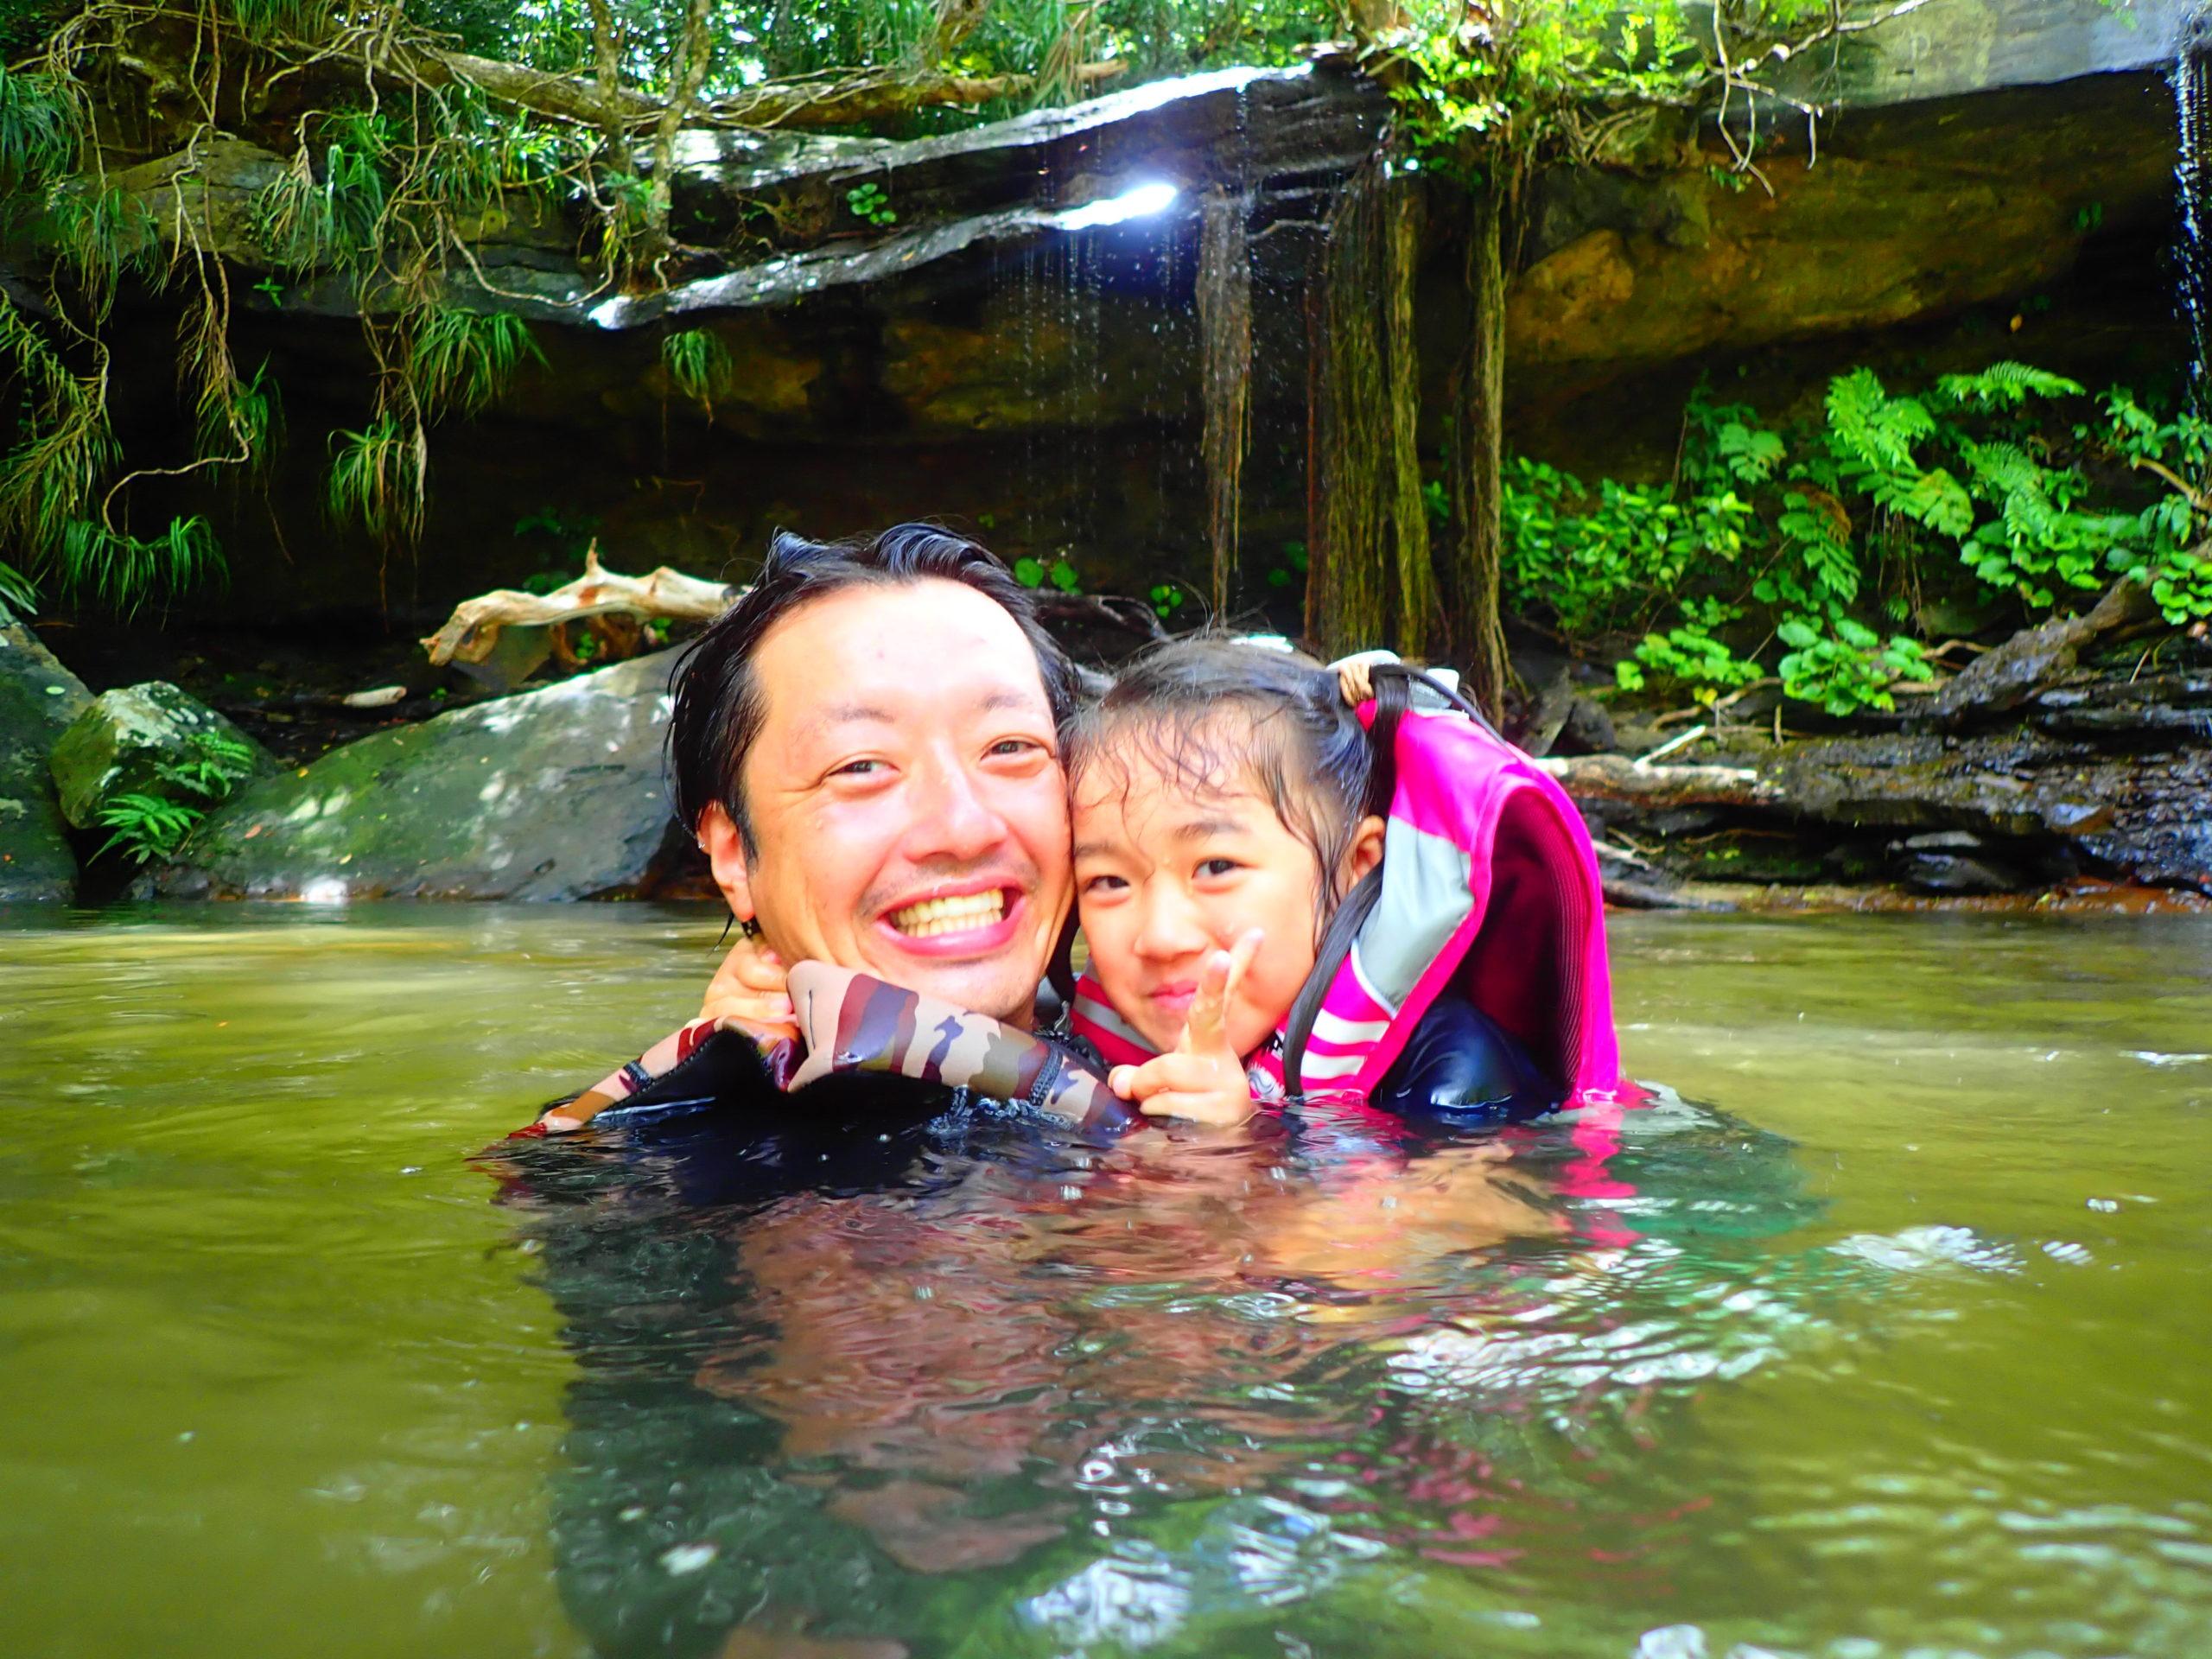 【半日】目指すは「サンガラの滝」!ジャングルカヌー&トレッキング